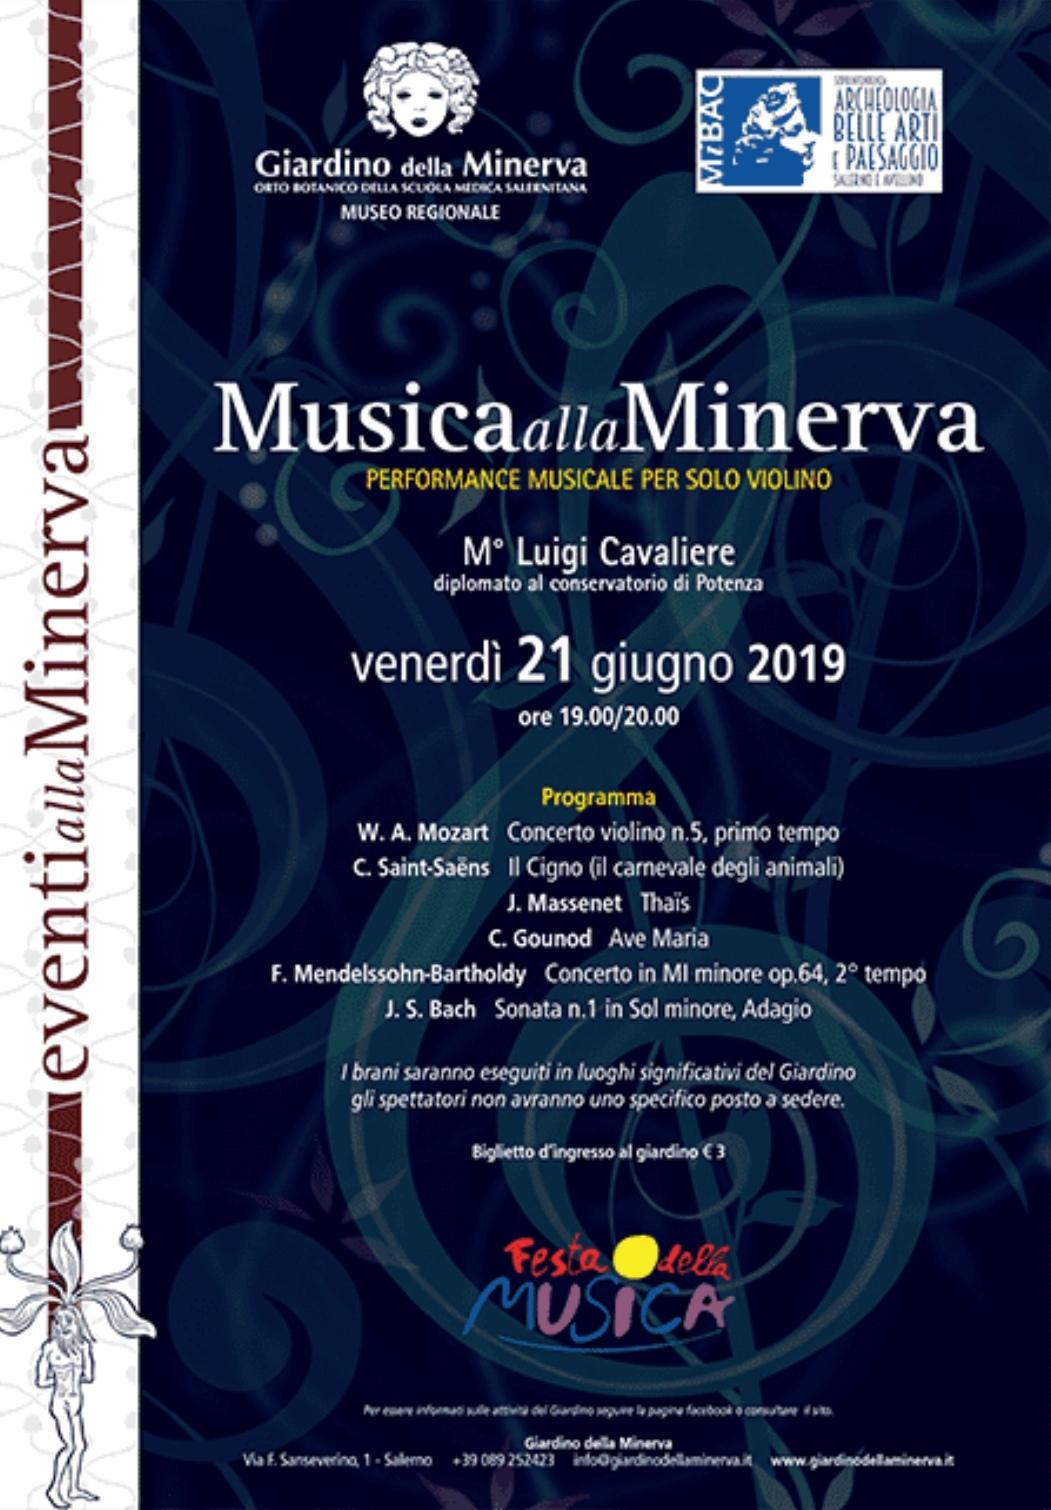 Luigi Cavaliere-Giardino della Minerva-Festa della Musica 2019